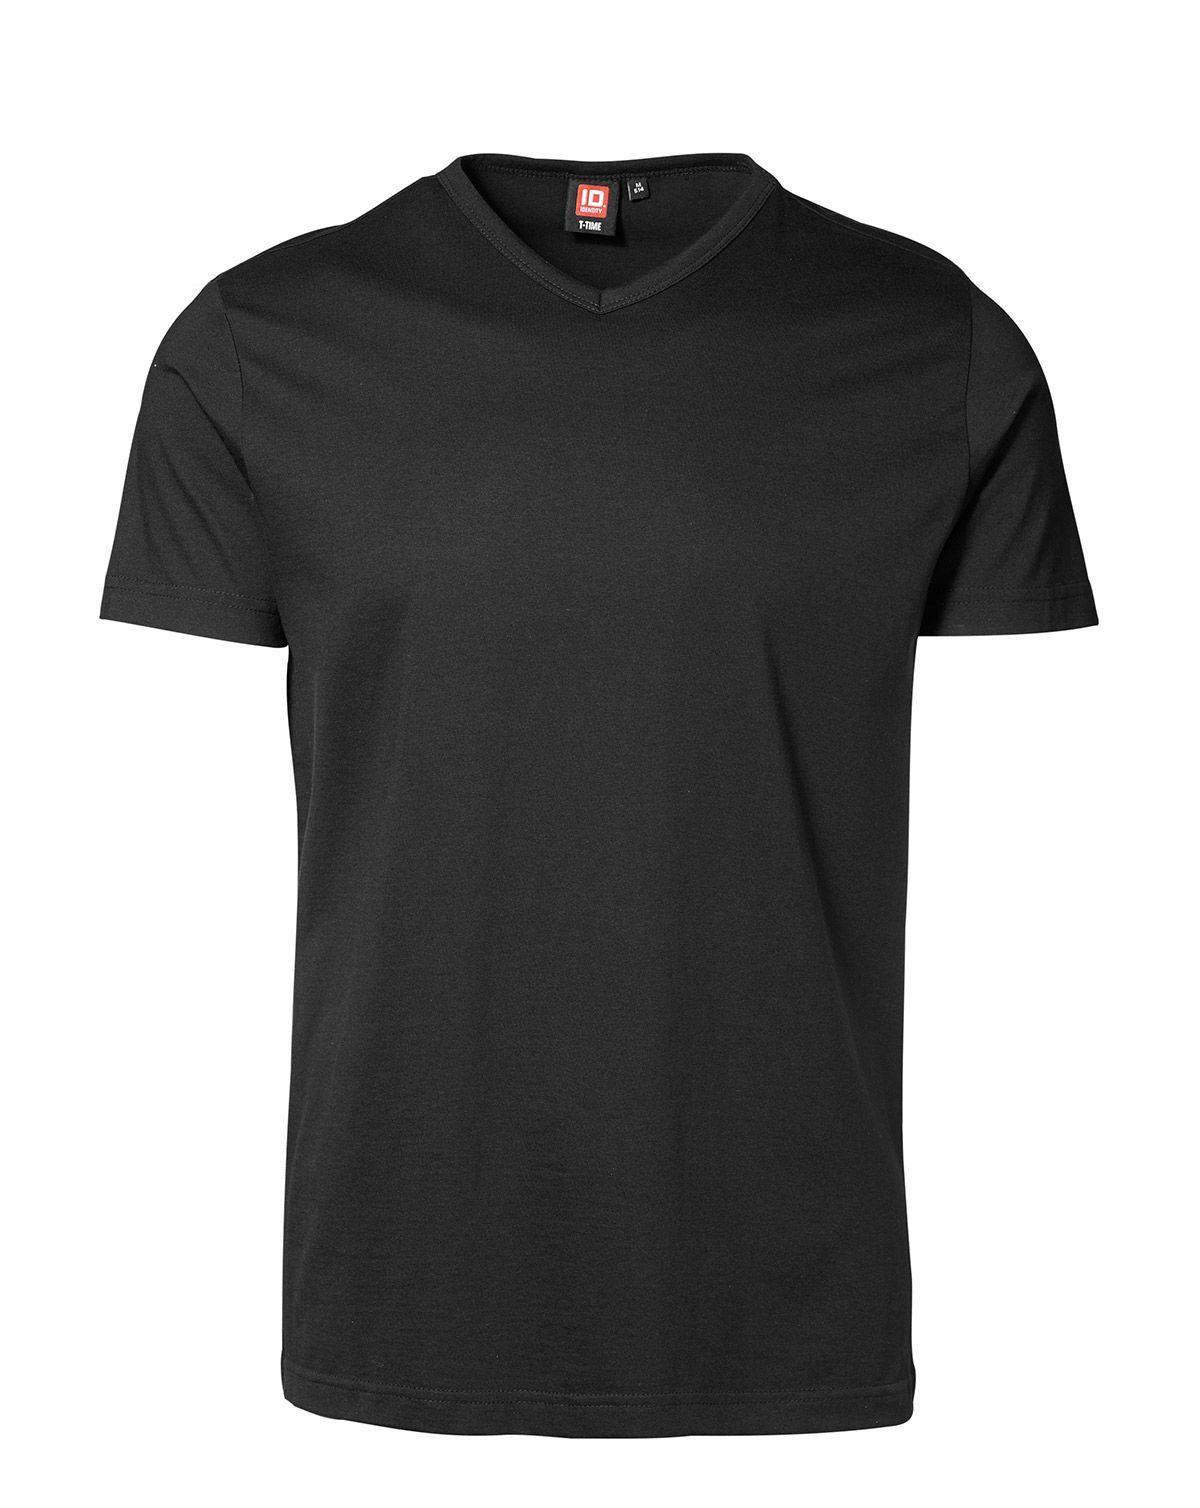 ID V-hals T-shirt (Sort, 2XL)